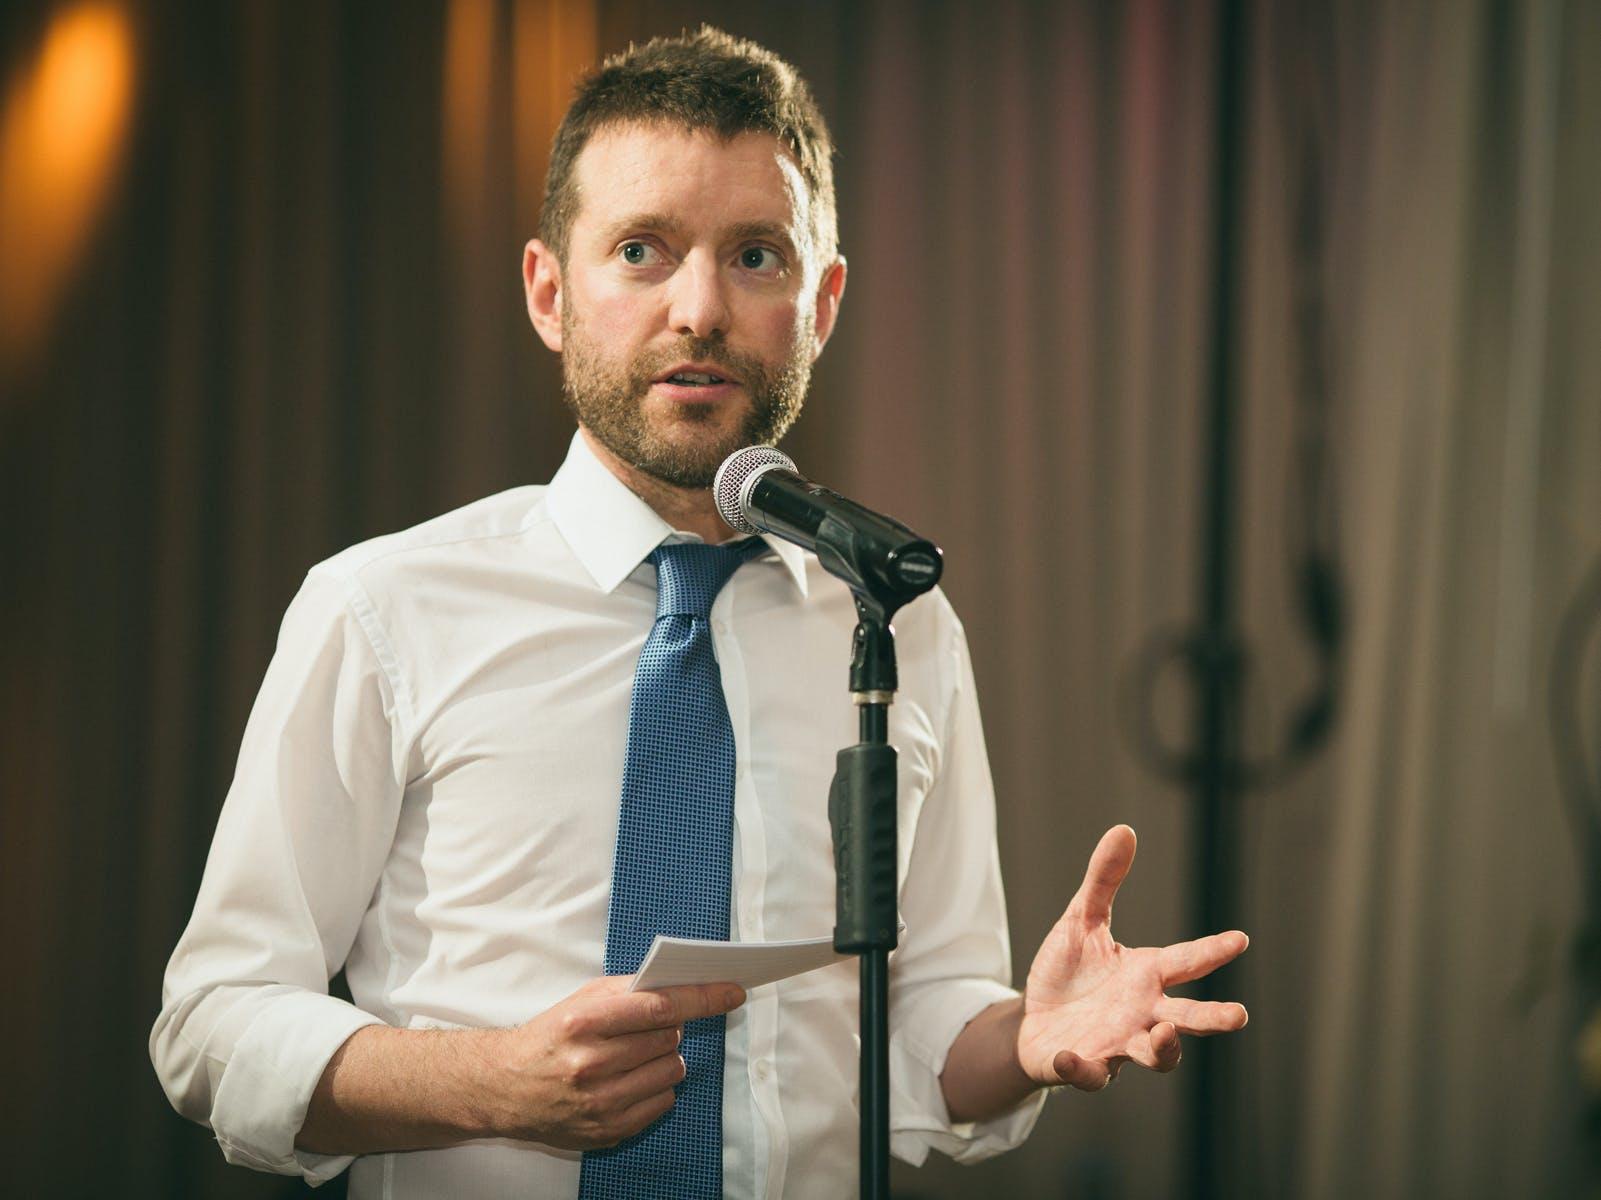 The Best Man's Speech: A How-To